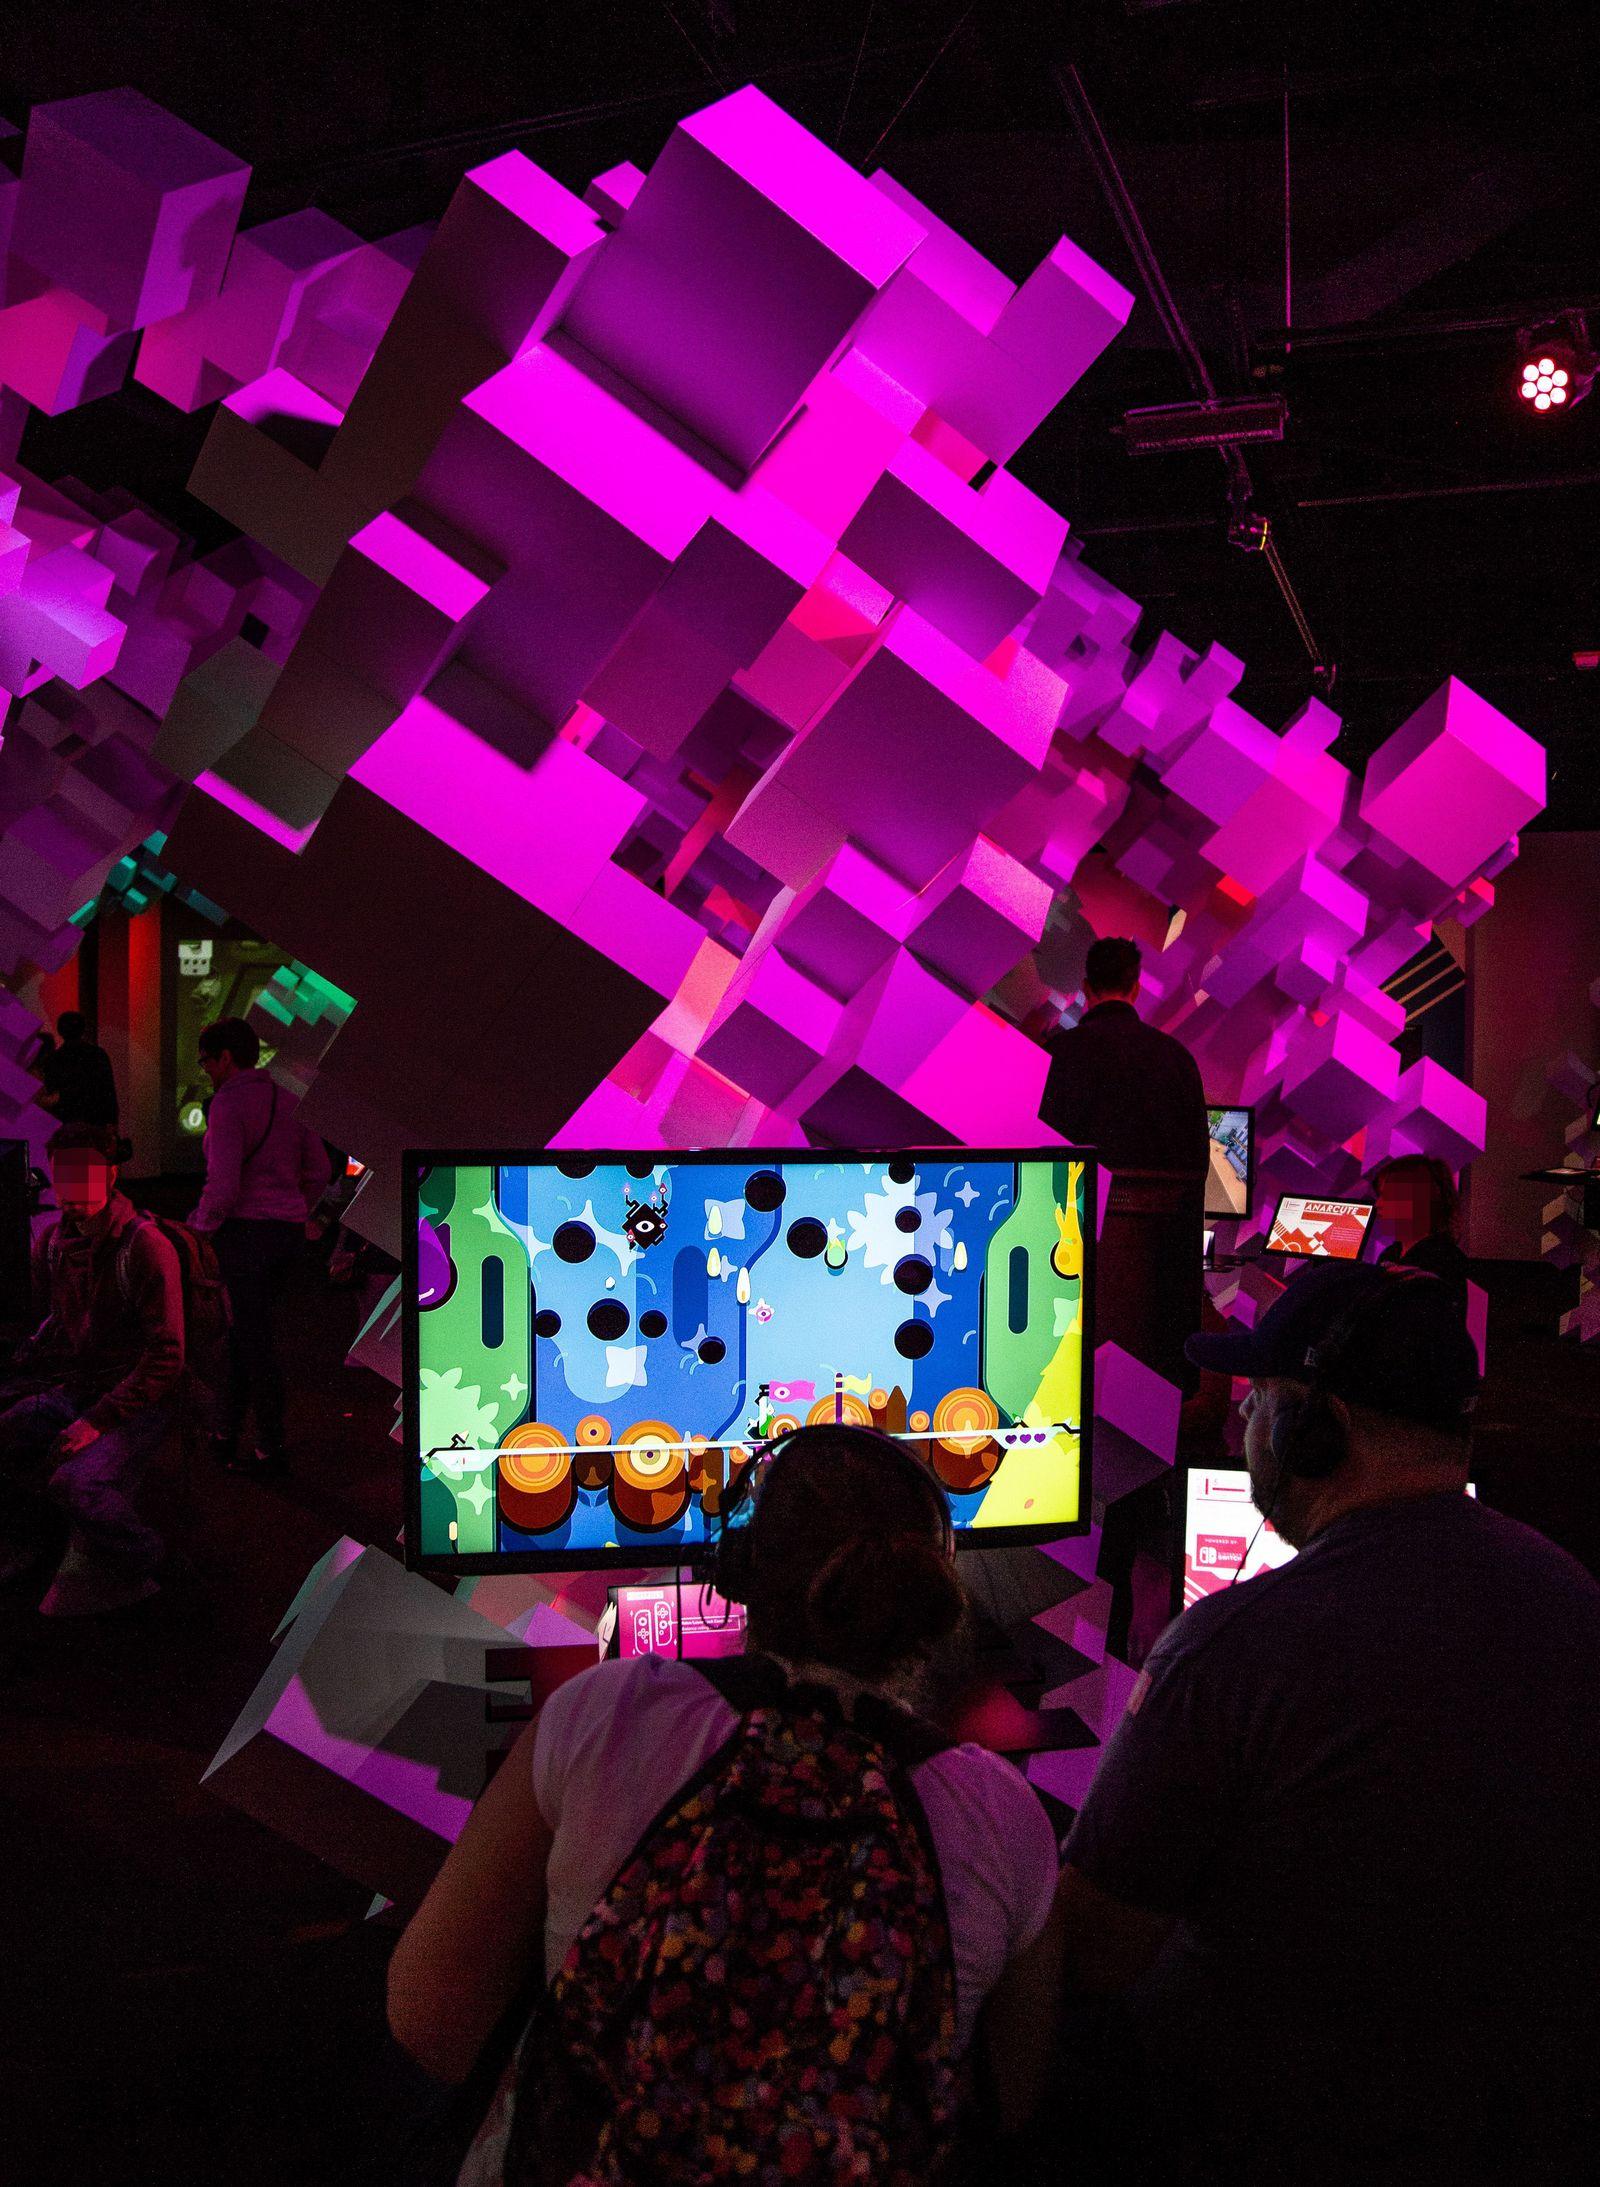 Espiando en la sala de juegos indie